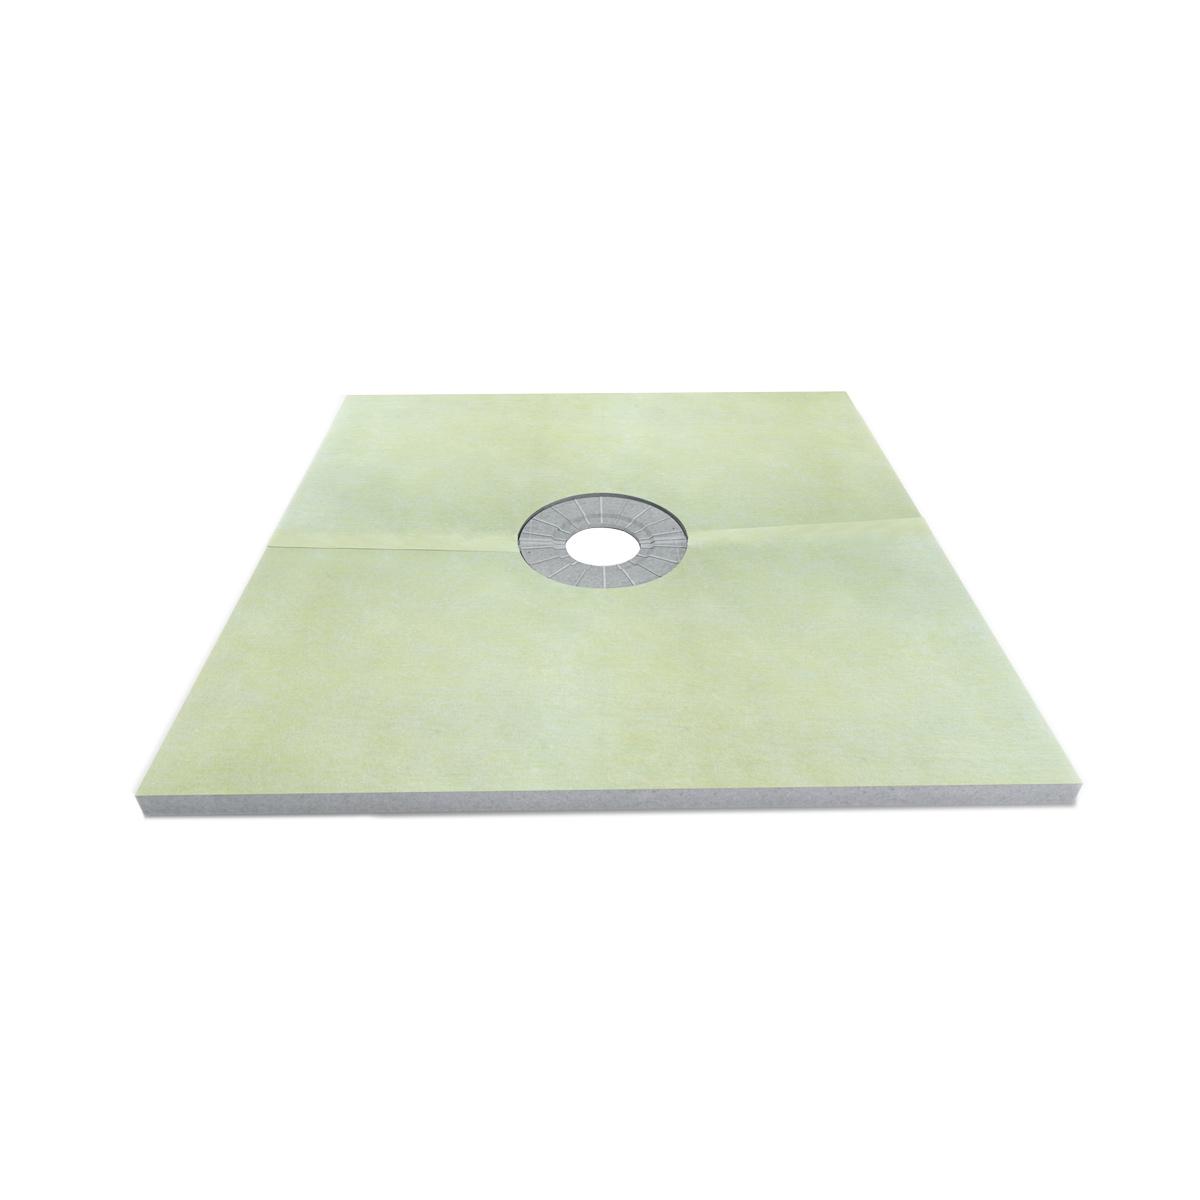 Sistemi di Drenaggio Showertec Tray Profilitec